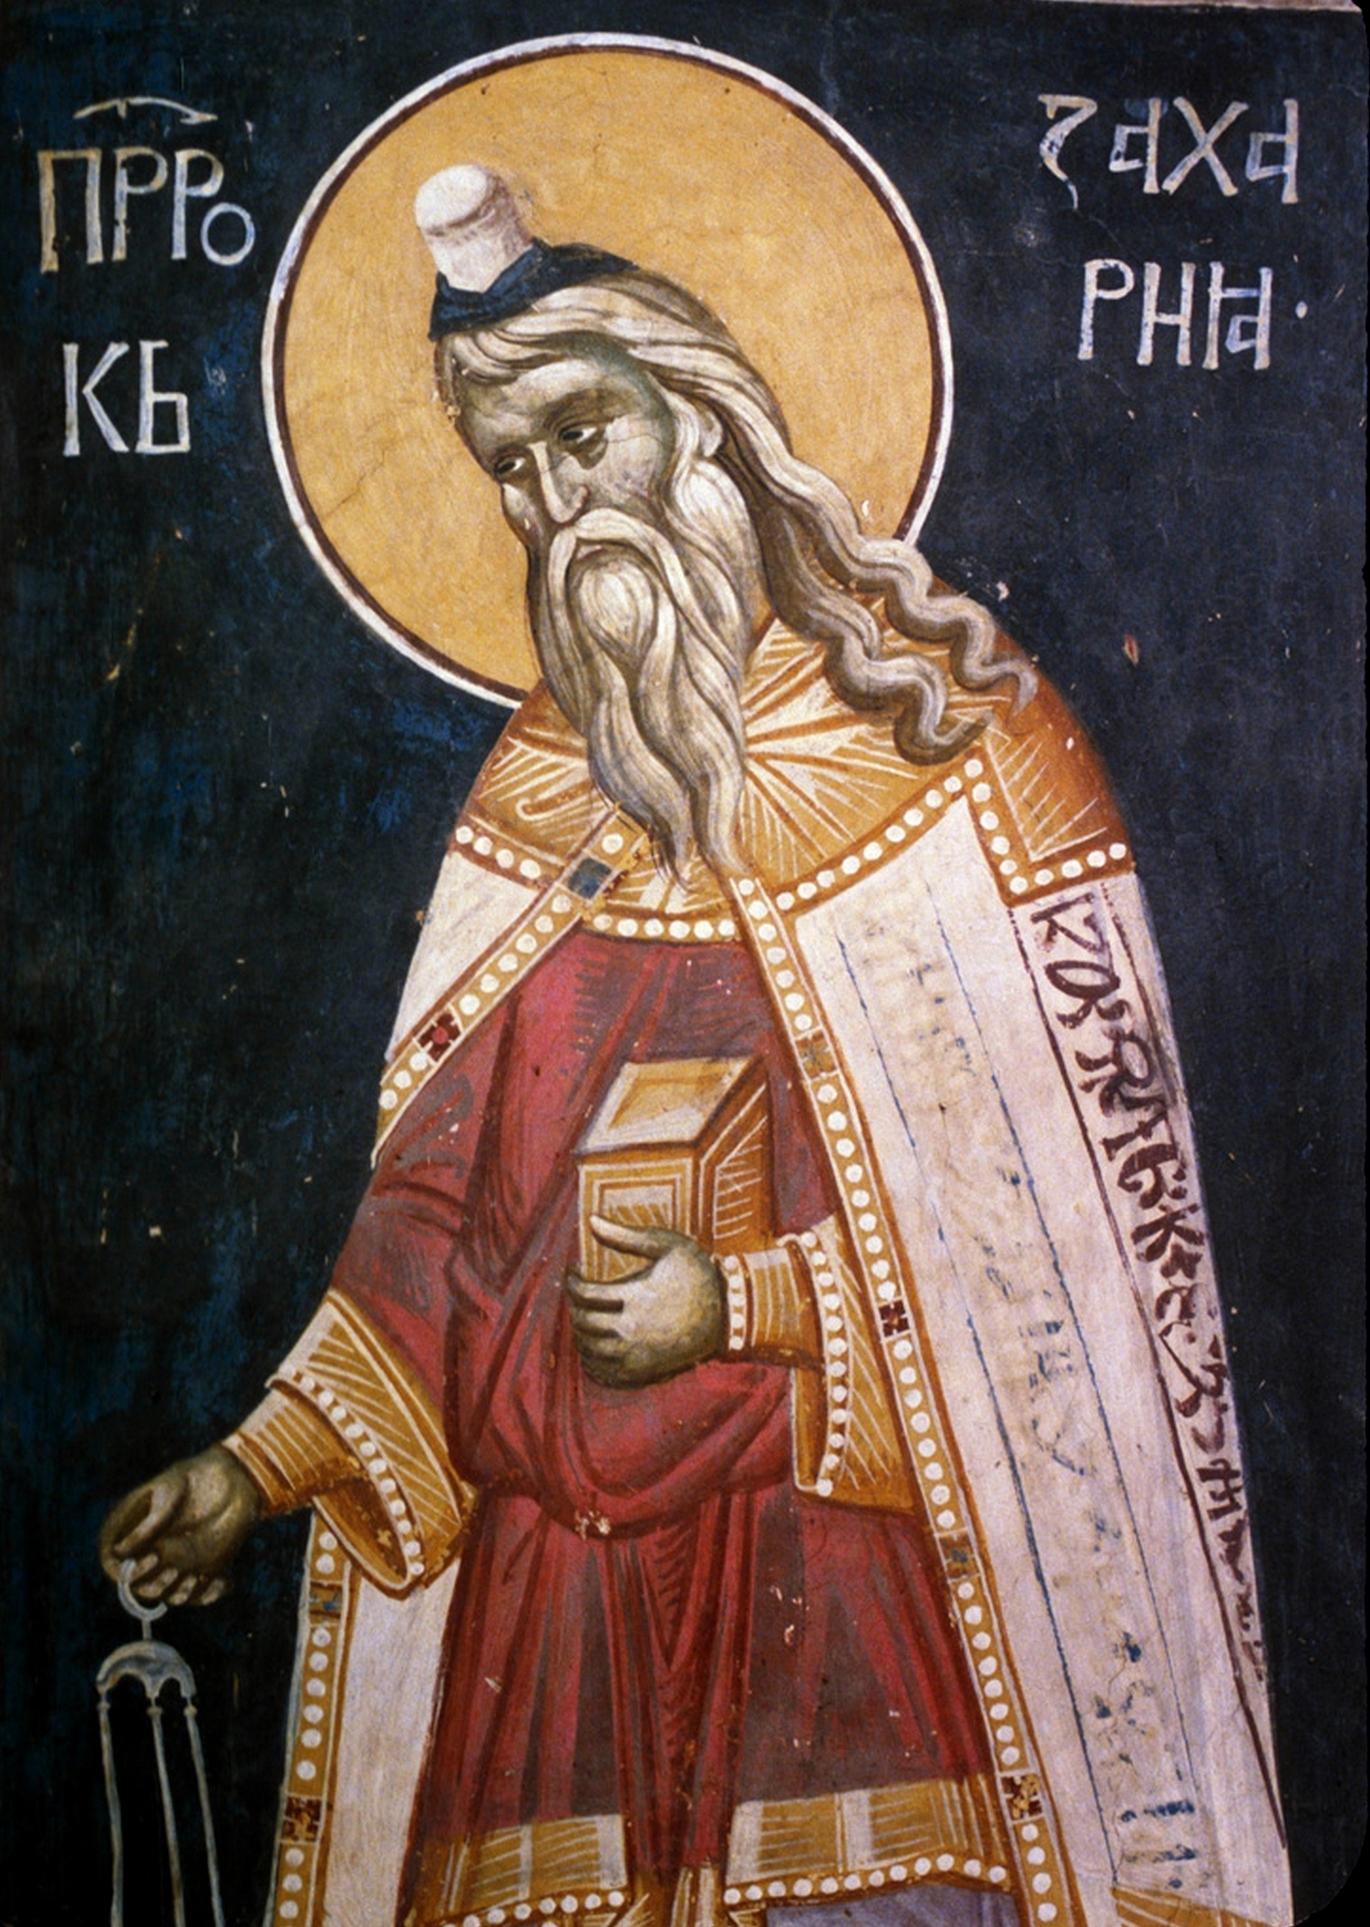 Святой Пророк Захария, отец Св. Иоанна Предтечи. Фреска монастыря Грачаница, Косово, Сербия. Около 1320 года.